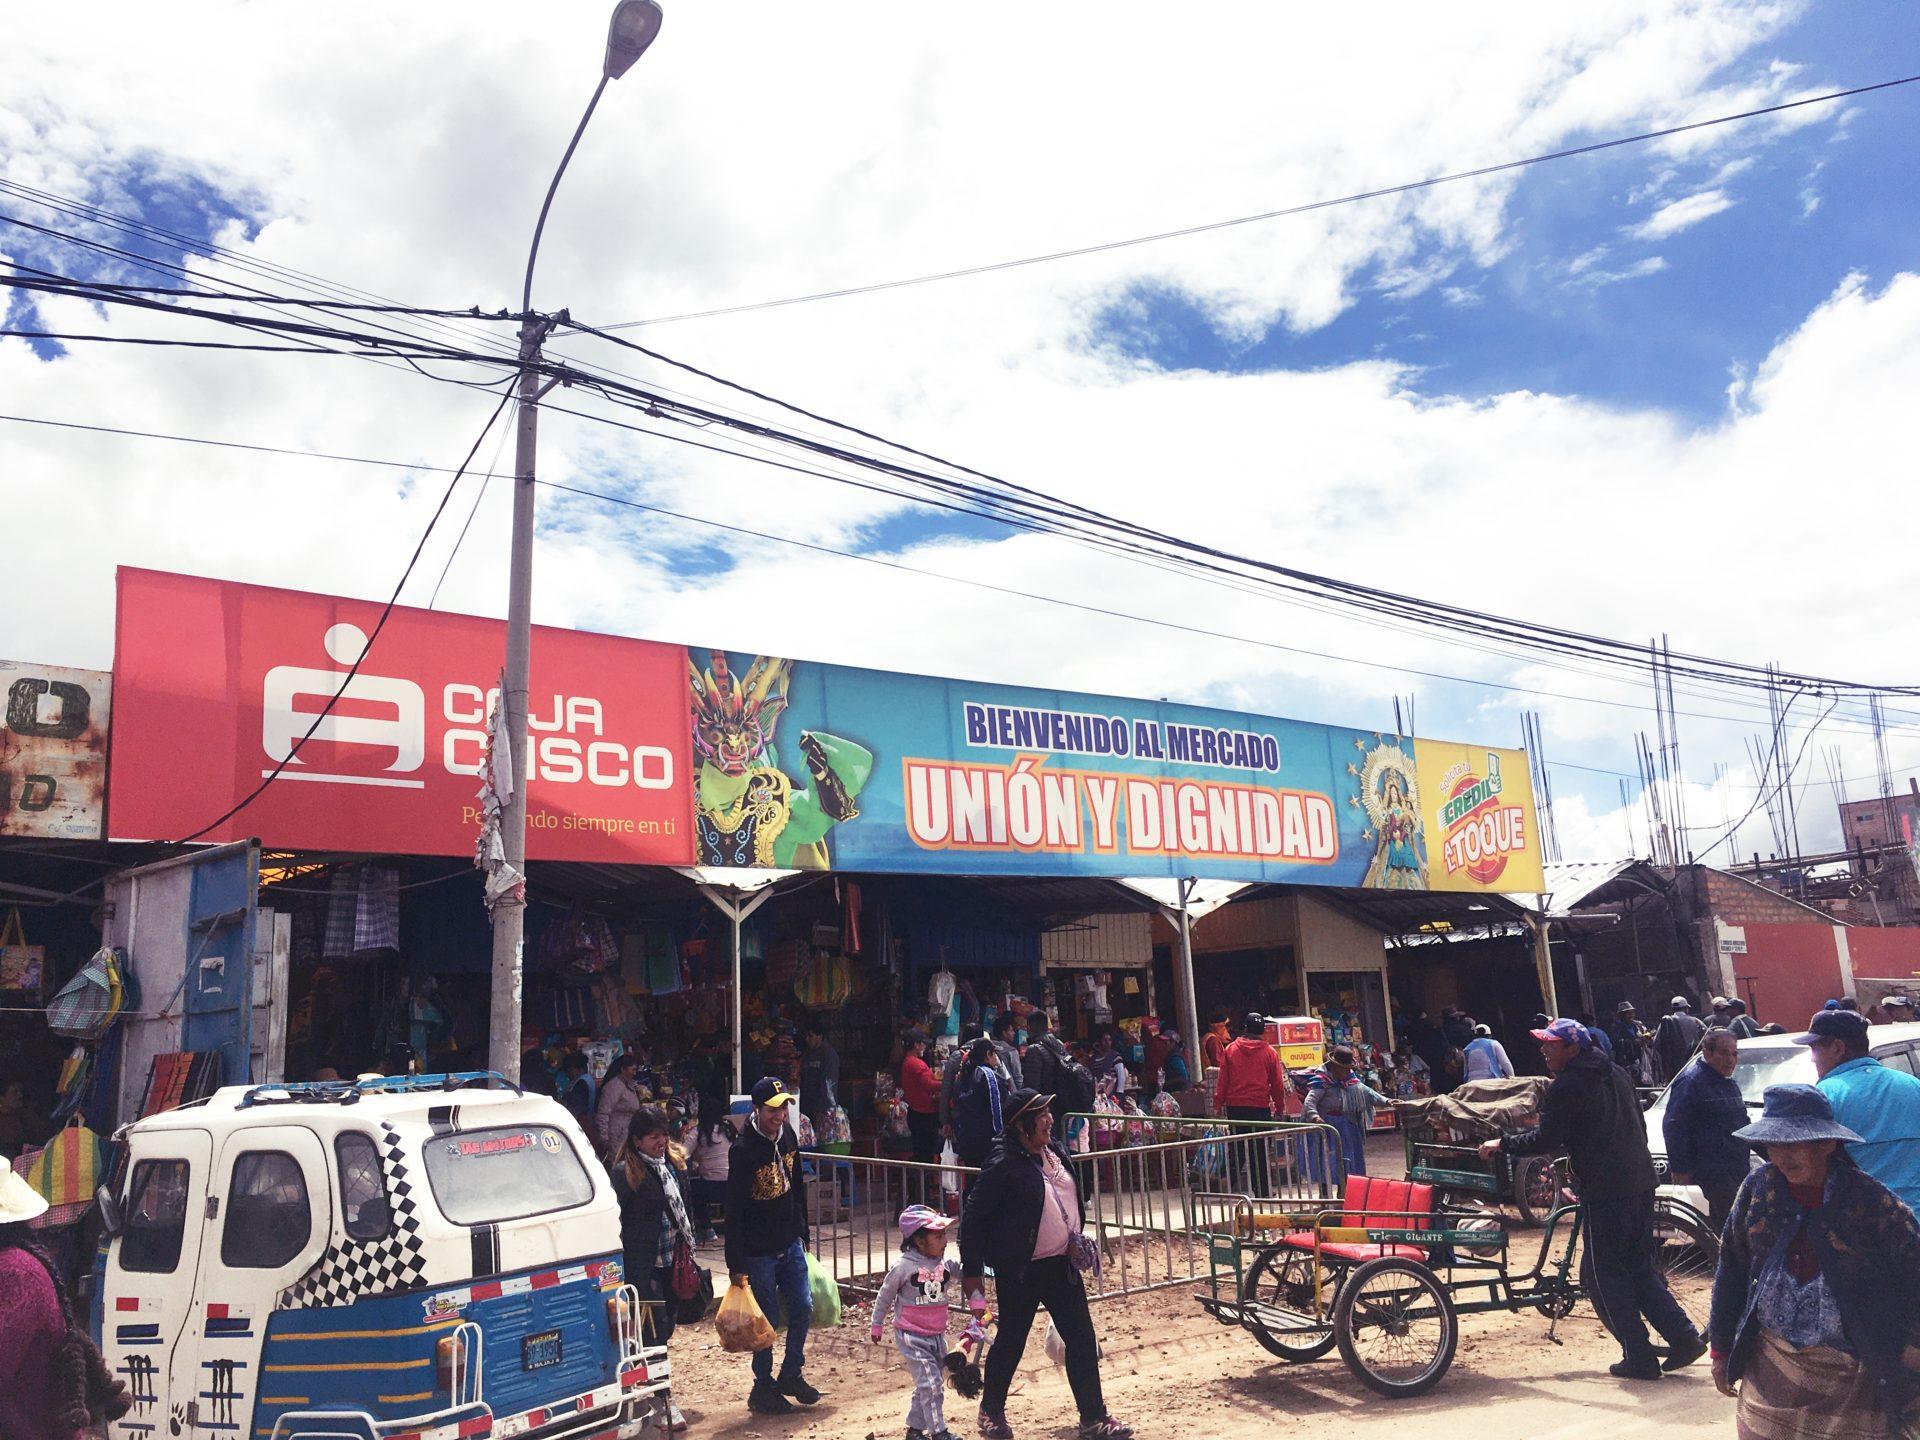 プーノ, チチカカ, 観光, Titicaca, Puno, 市場